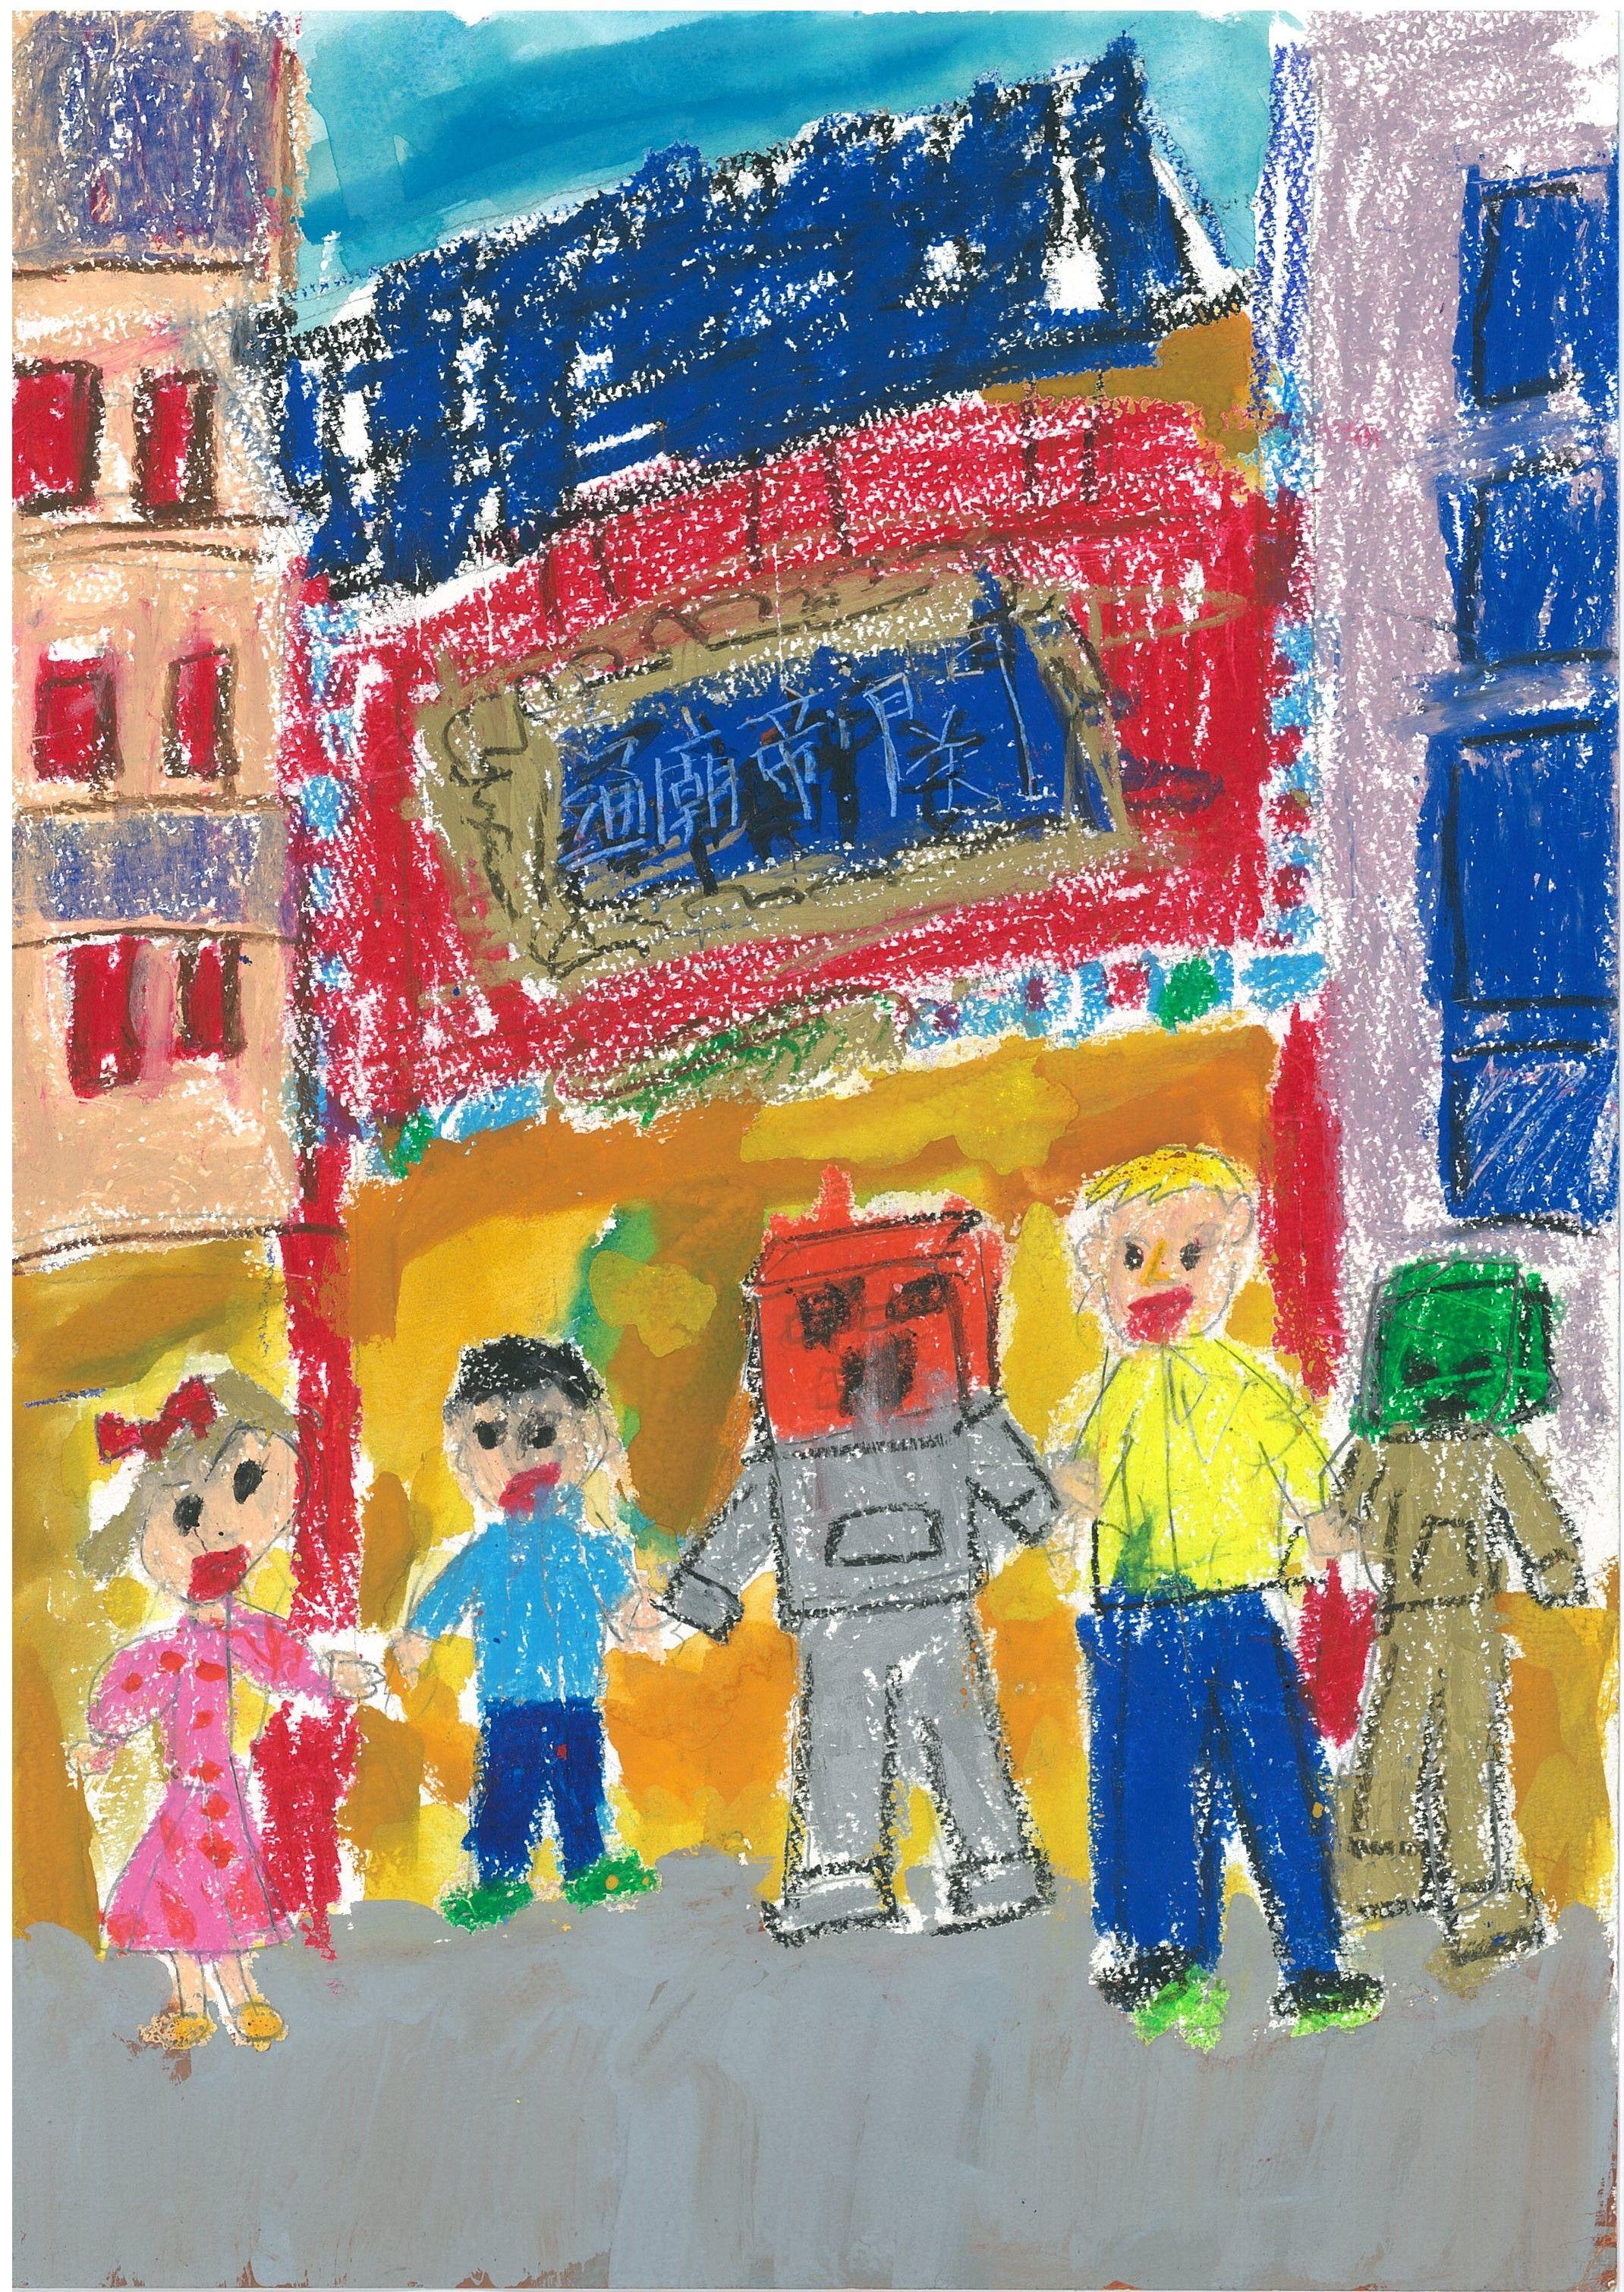 横浜中華街賞 横浜市立根岸小学校1年 阿部和樹 「日本の中かがいからせかいの中かがいへ」